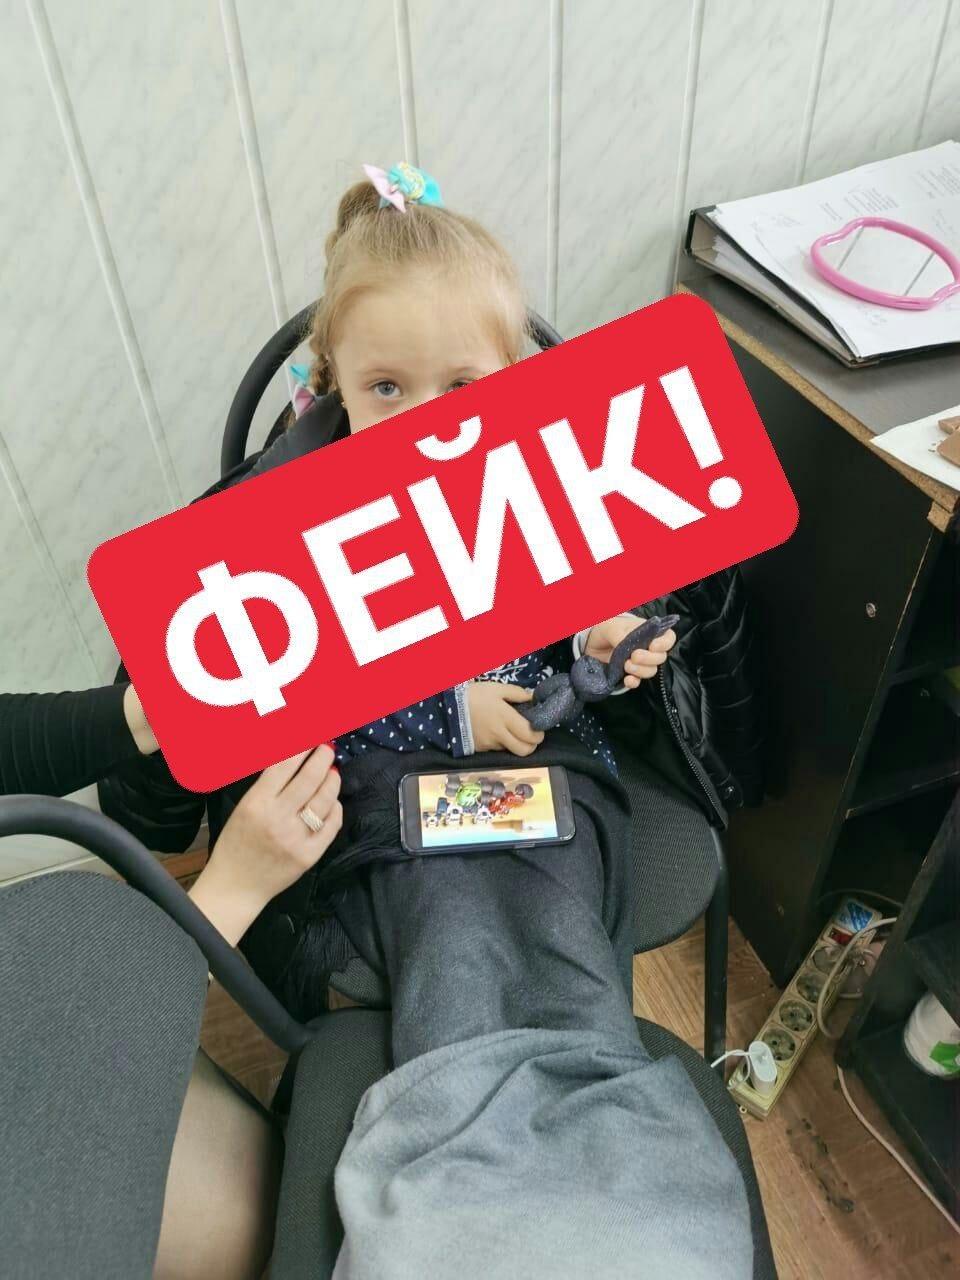 В Хабаровске найдена девочка (фейк)